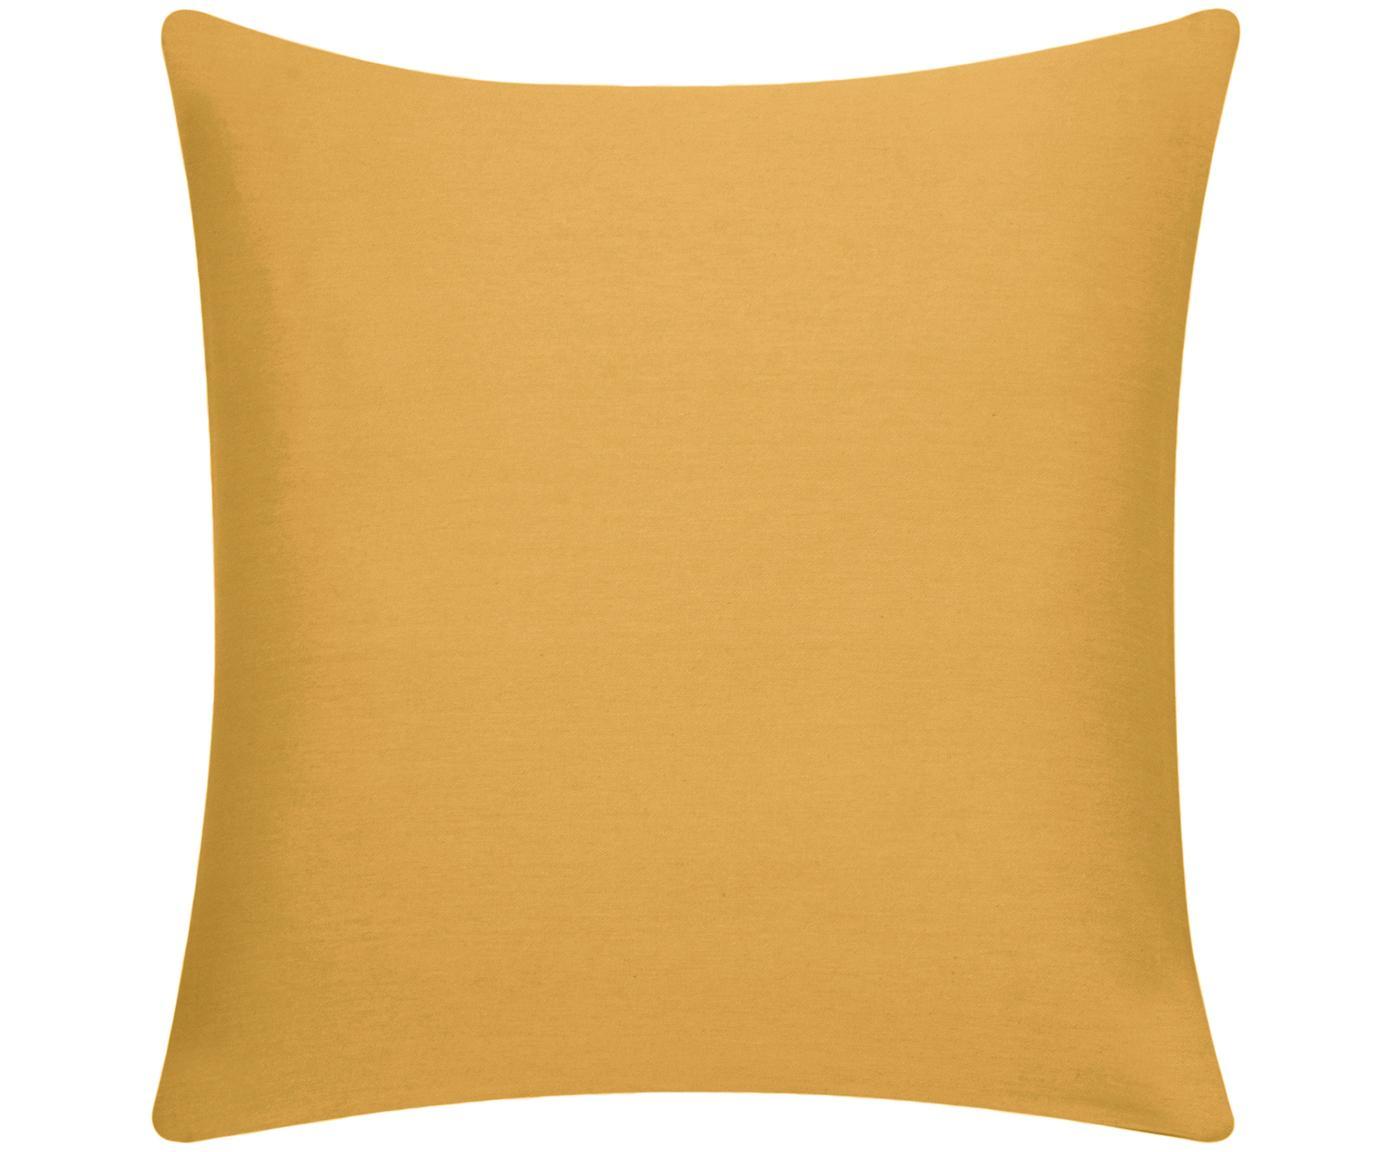 Poszewka na poduszkę z bawełny Mads, Bawełna, Musztardowy, S 40 x D 40 cm